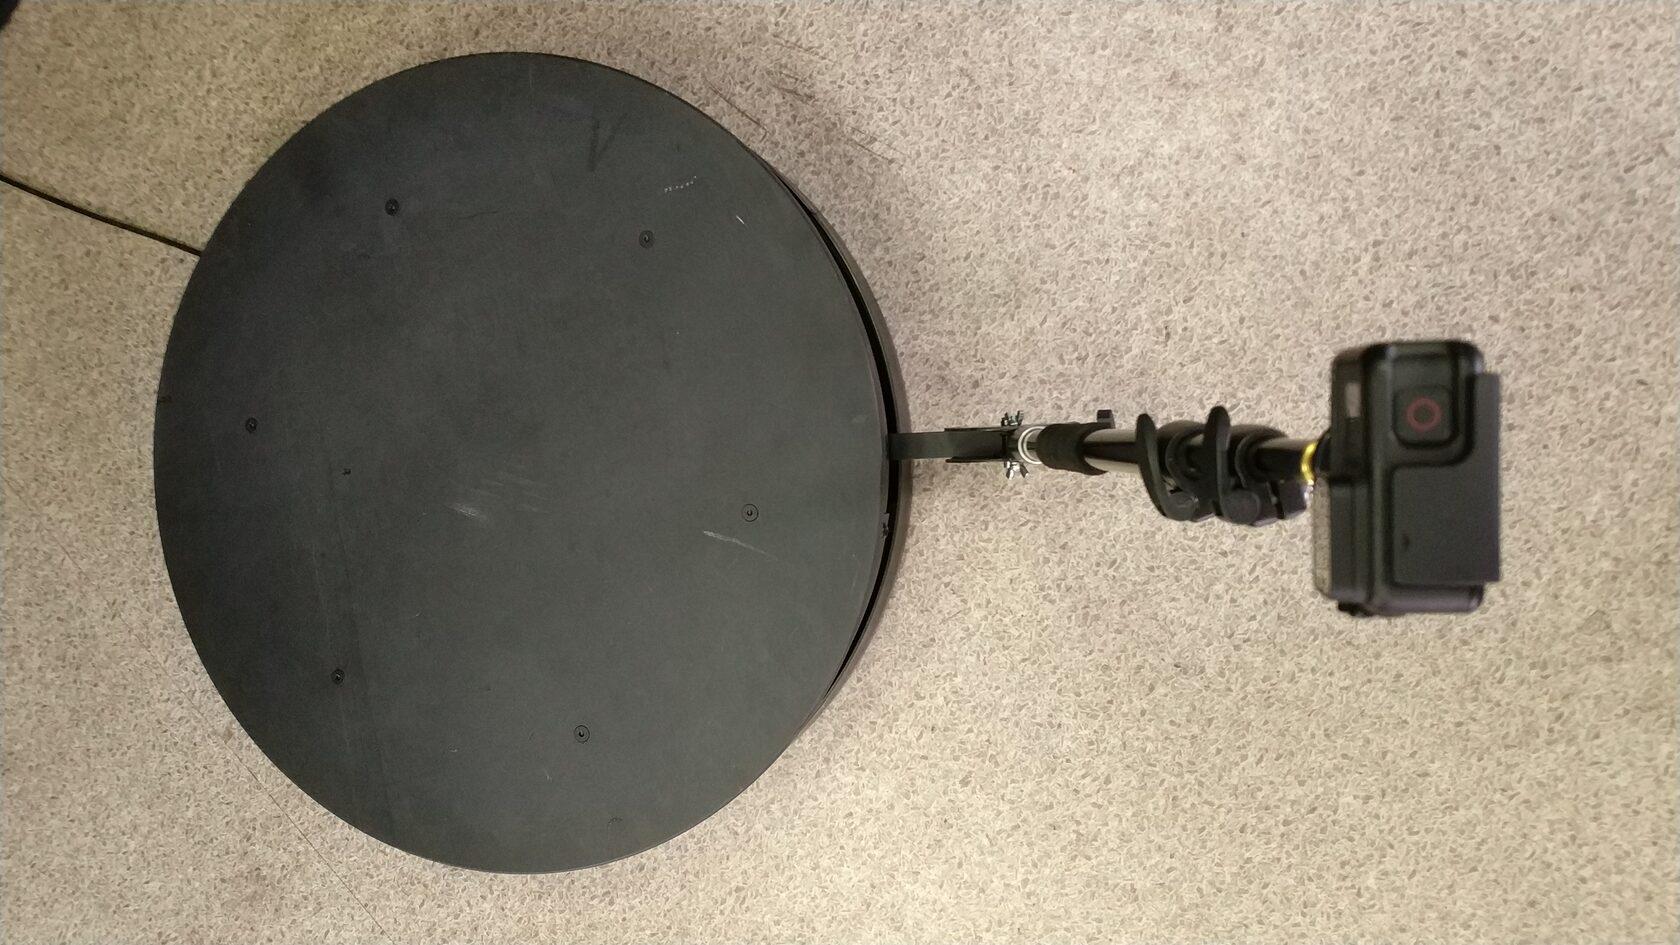 360 spinner videobooth buy